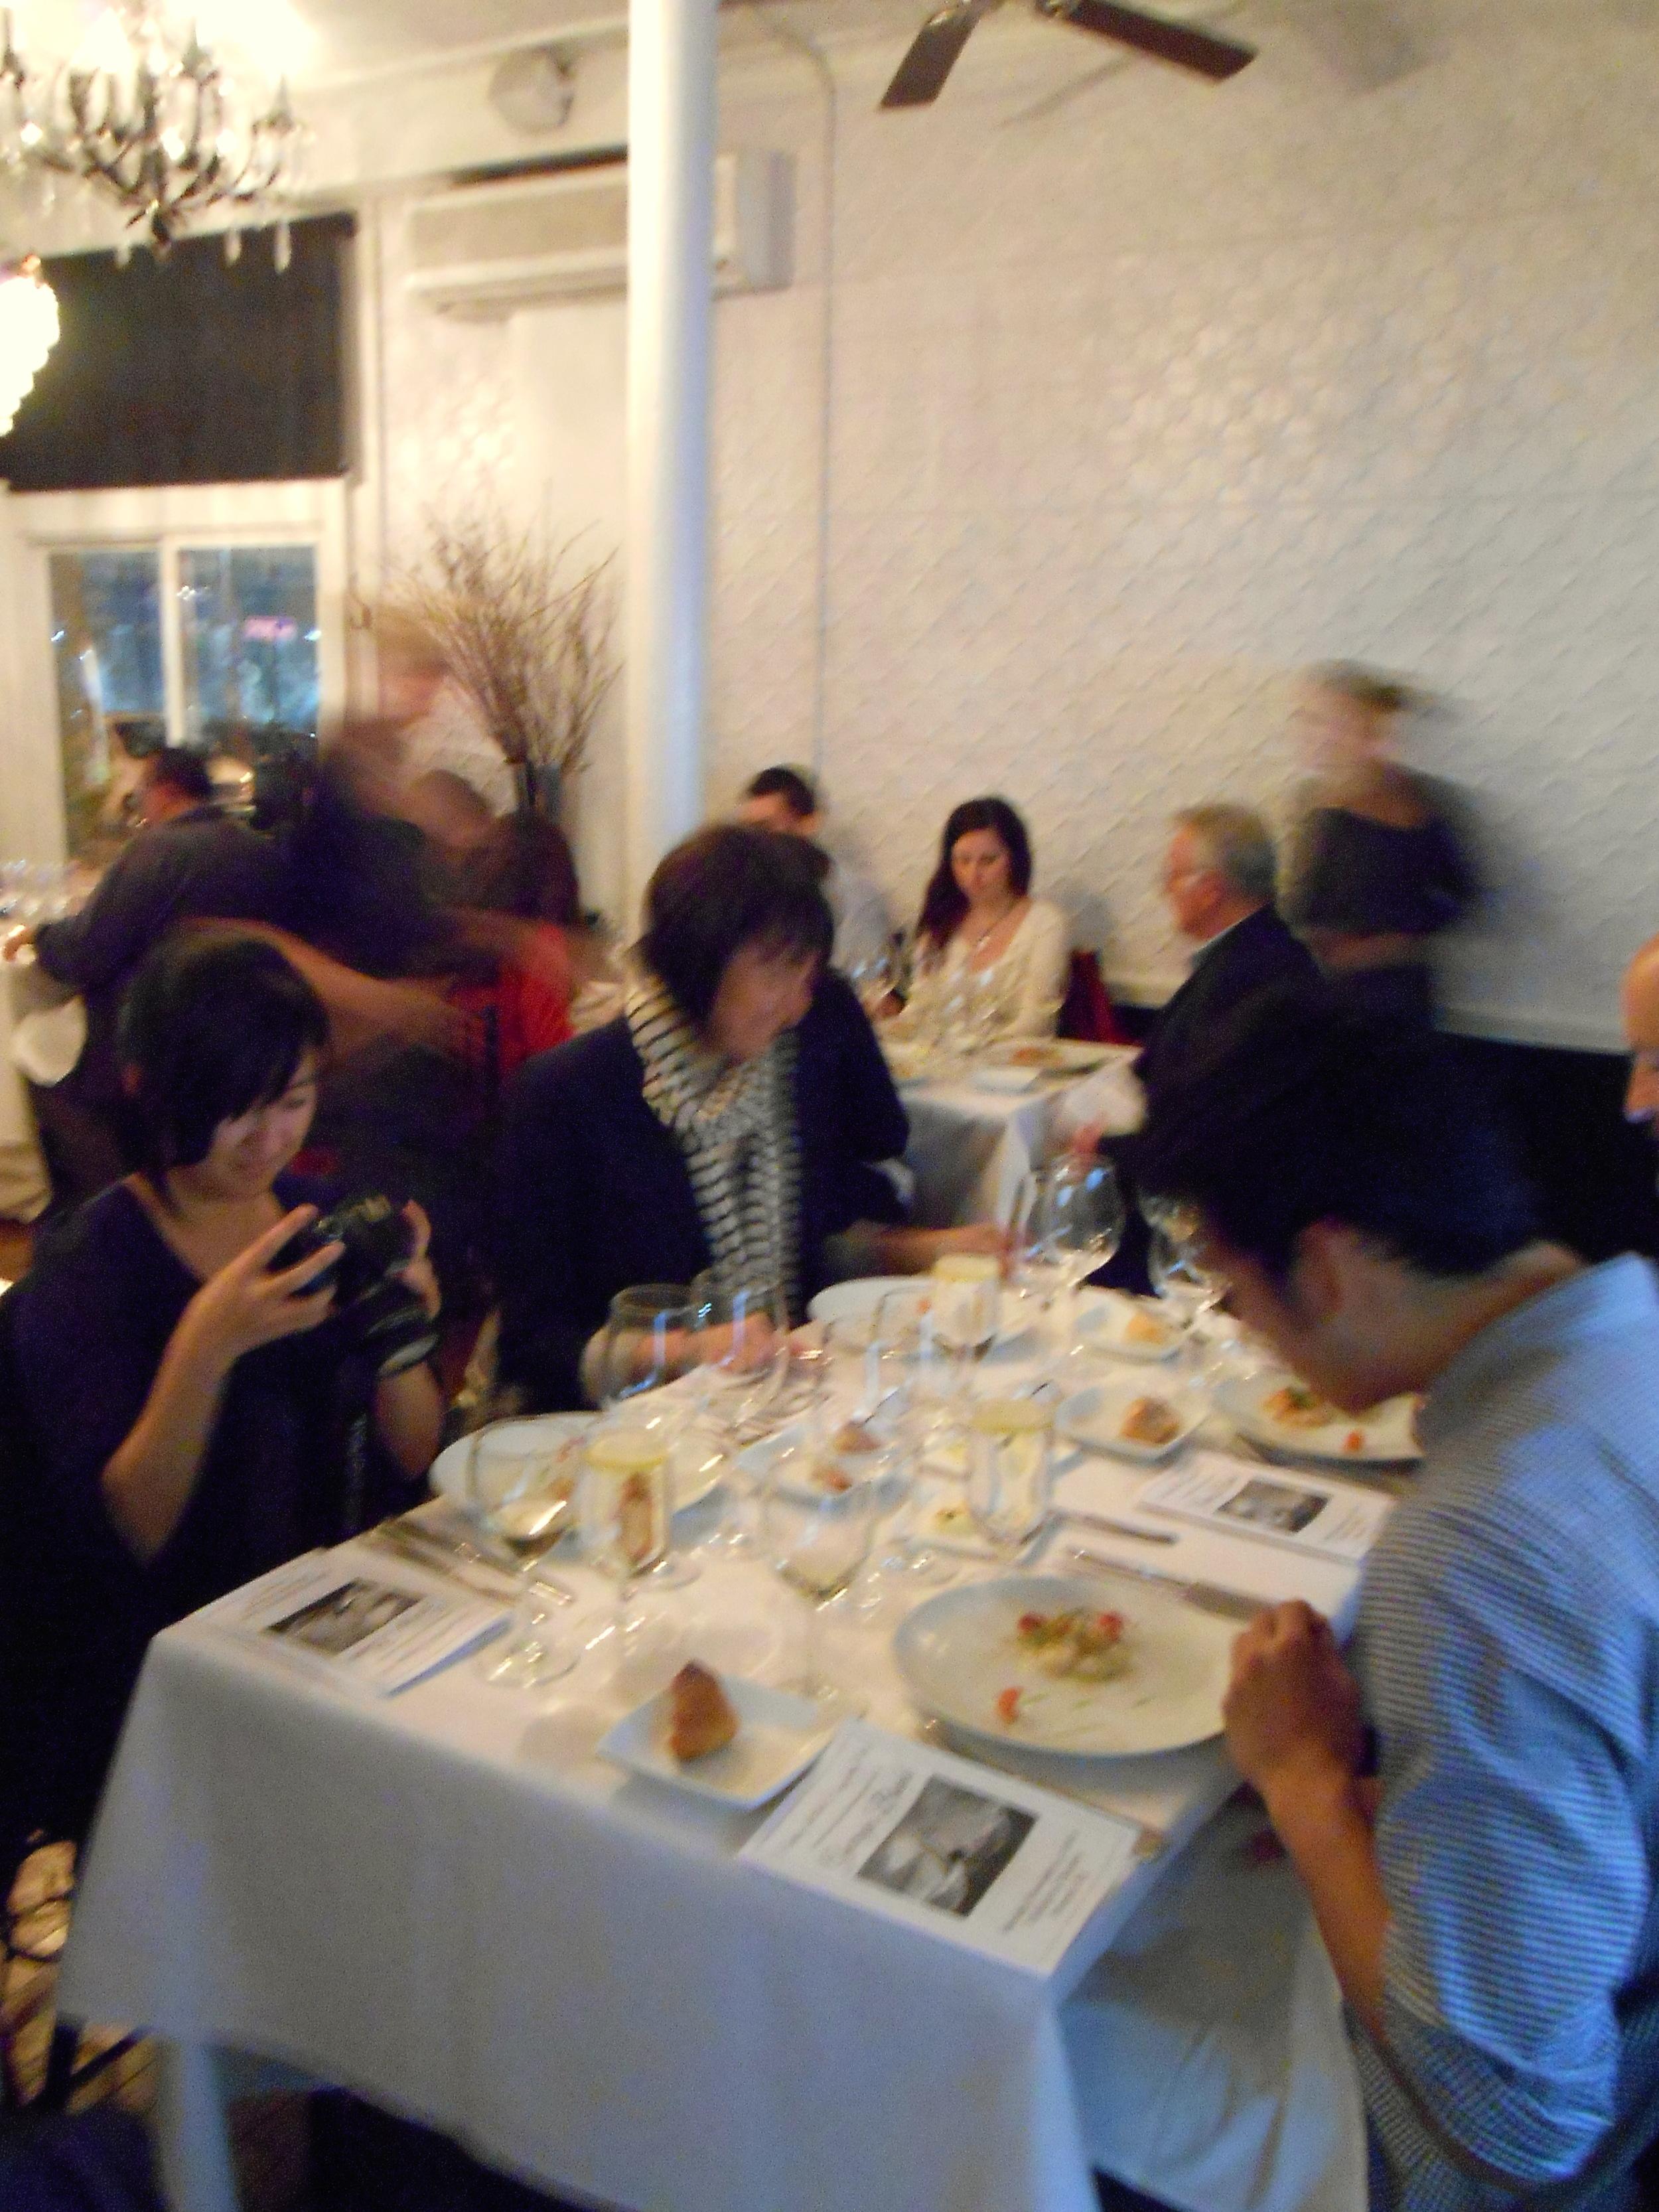 Guests enjoy the monkfish dish